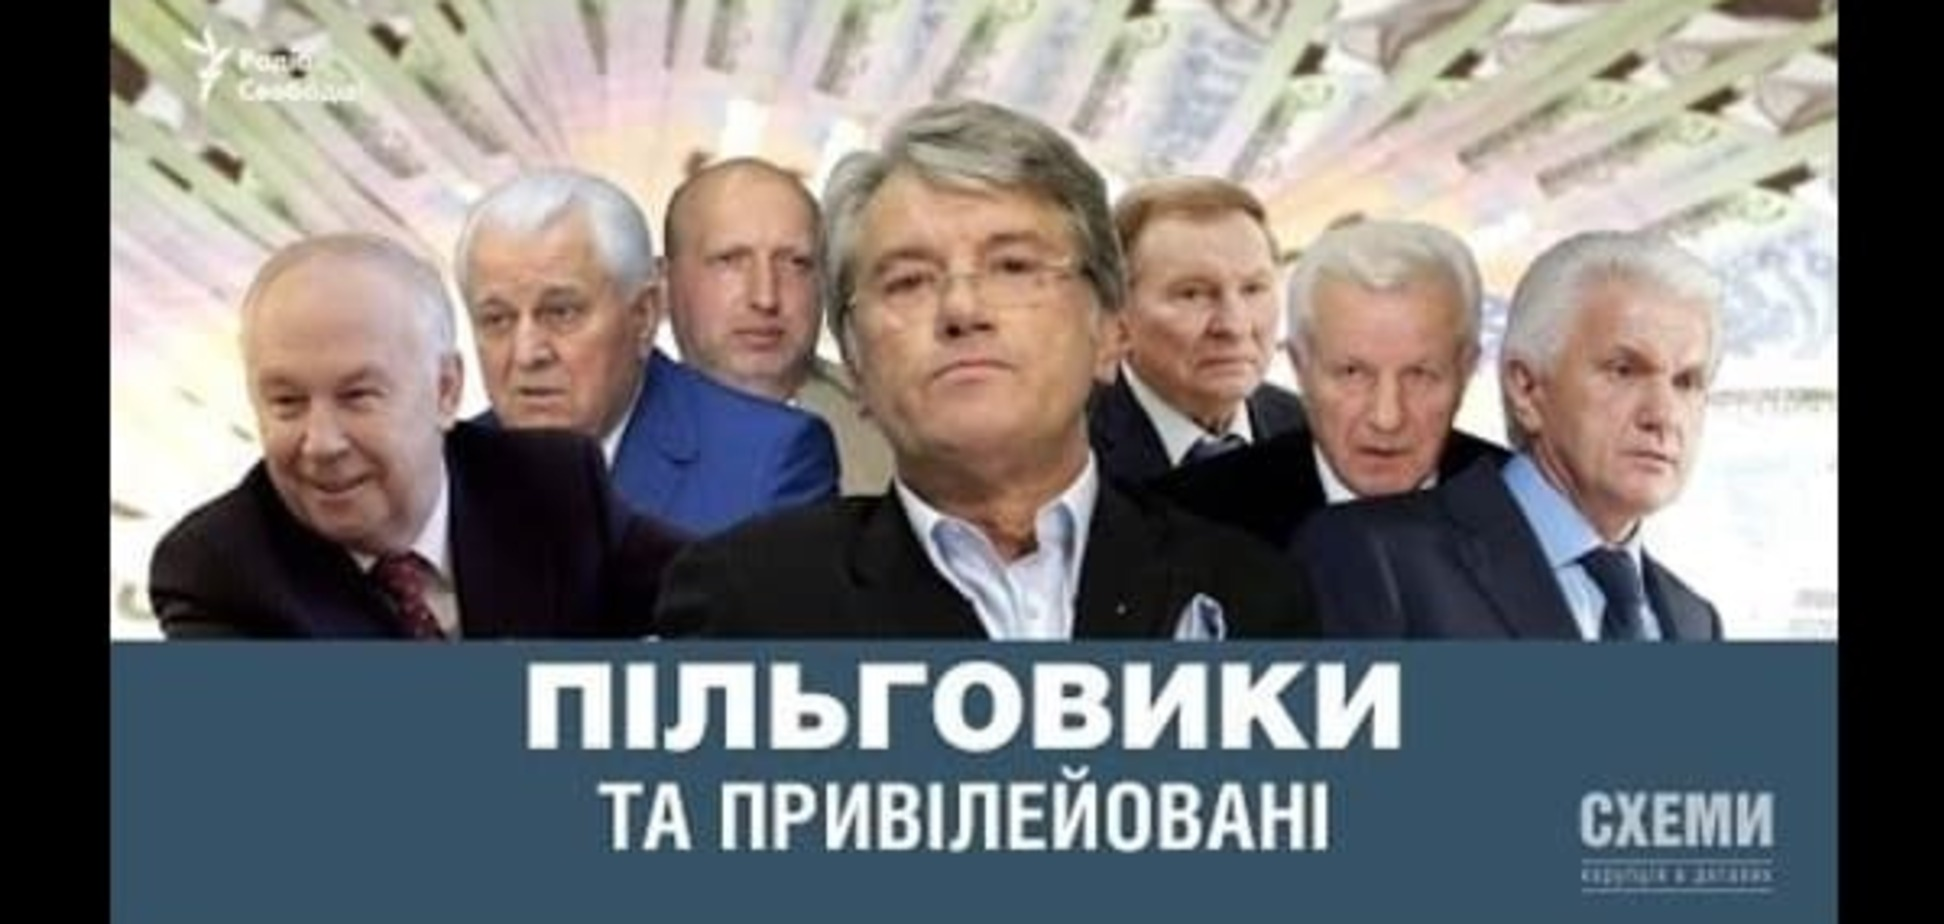 Больше всего привилегий за прошлый год получил Виктор Ющенко